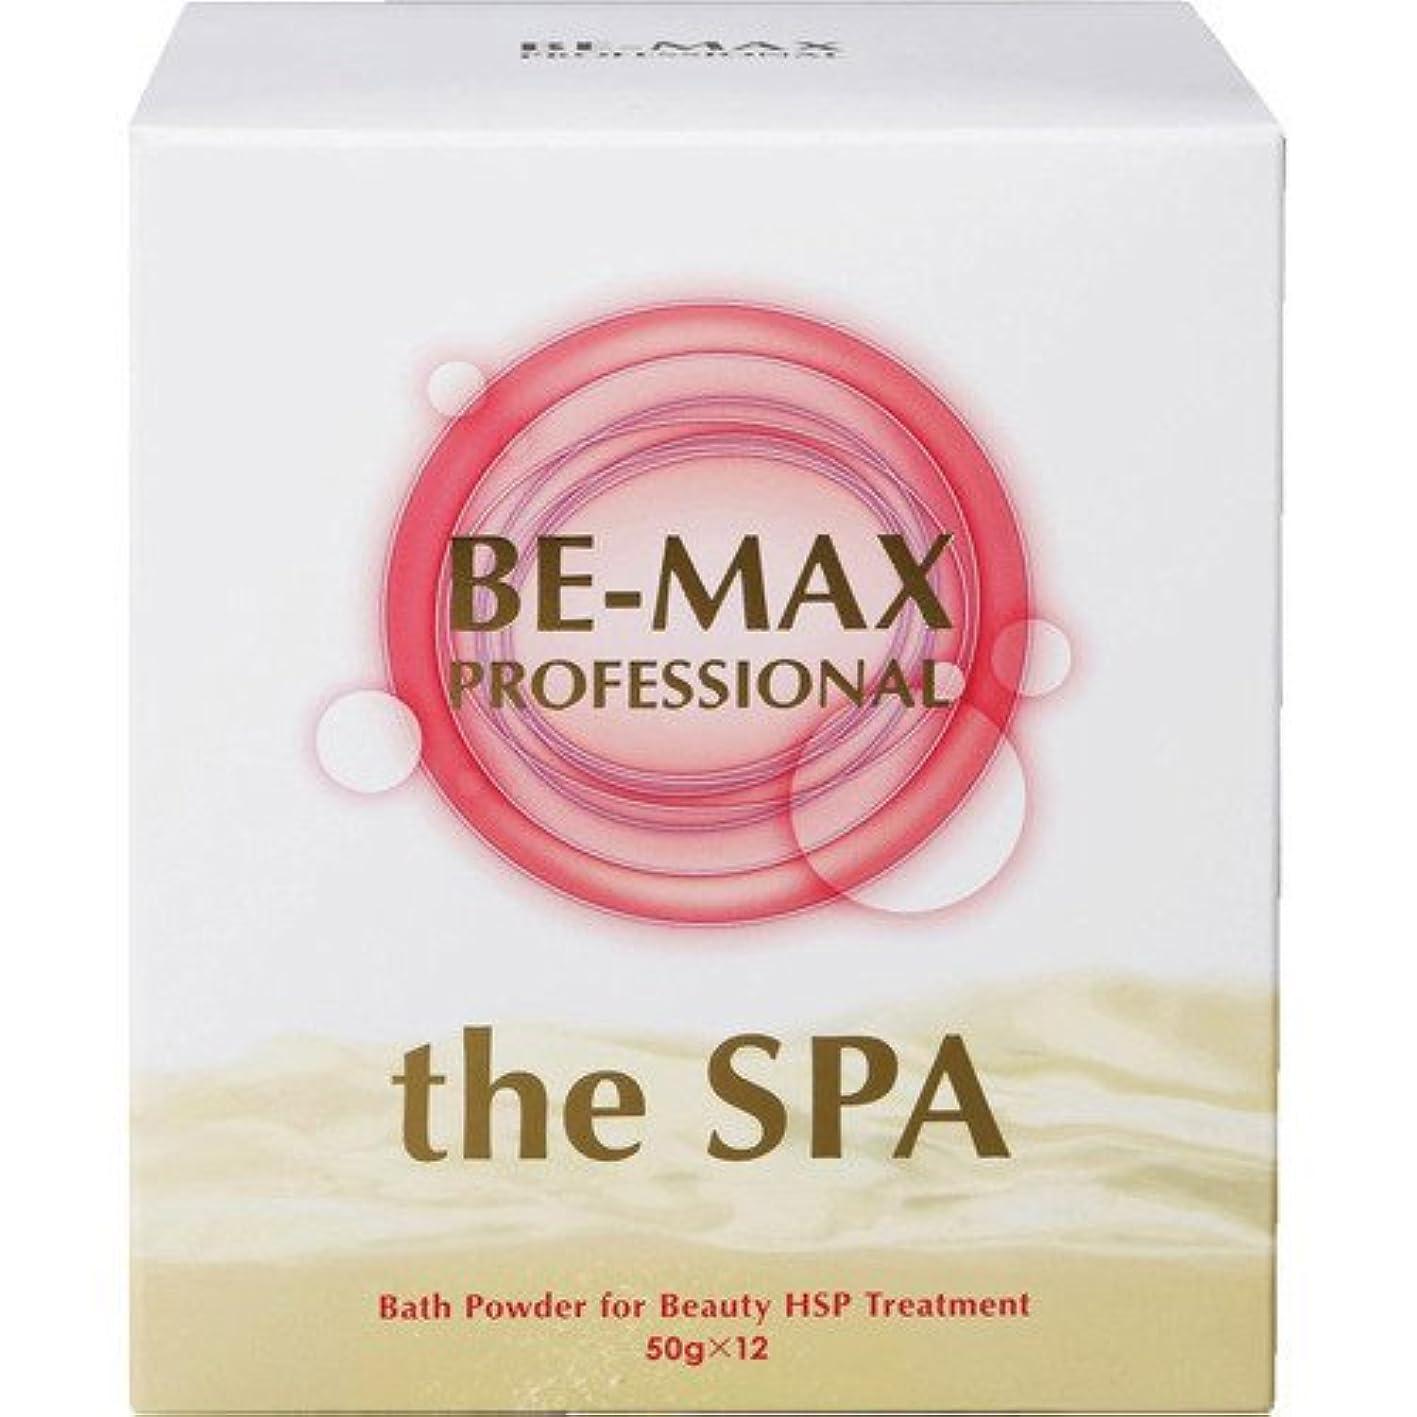 緑シェル消毒するBE-MAX PROFESSIONAL the SPA(ザ?スパ) ビーマックスプロフェッショナル ザ?スパ バスパウダー 50gx12包 (4571132621587)